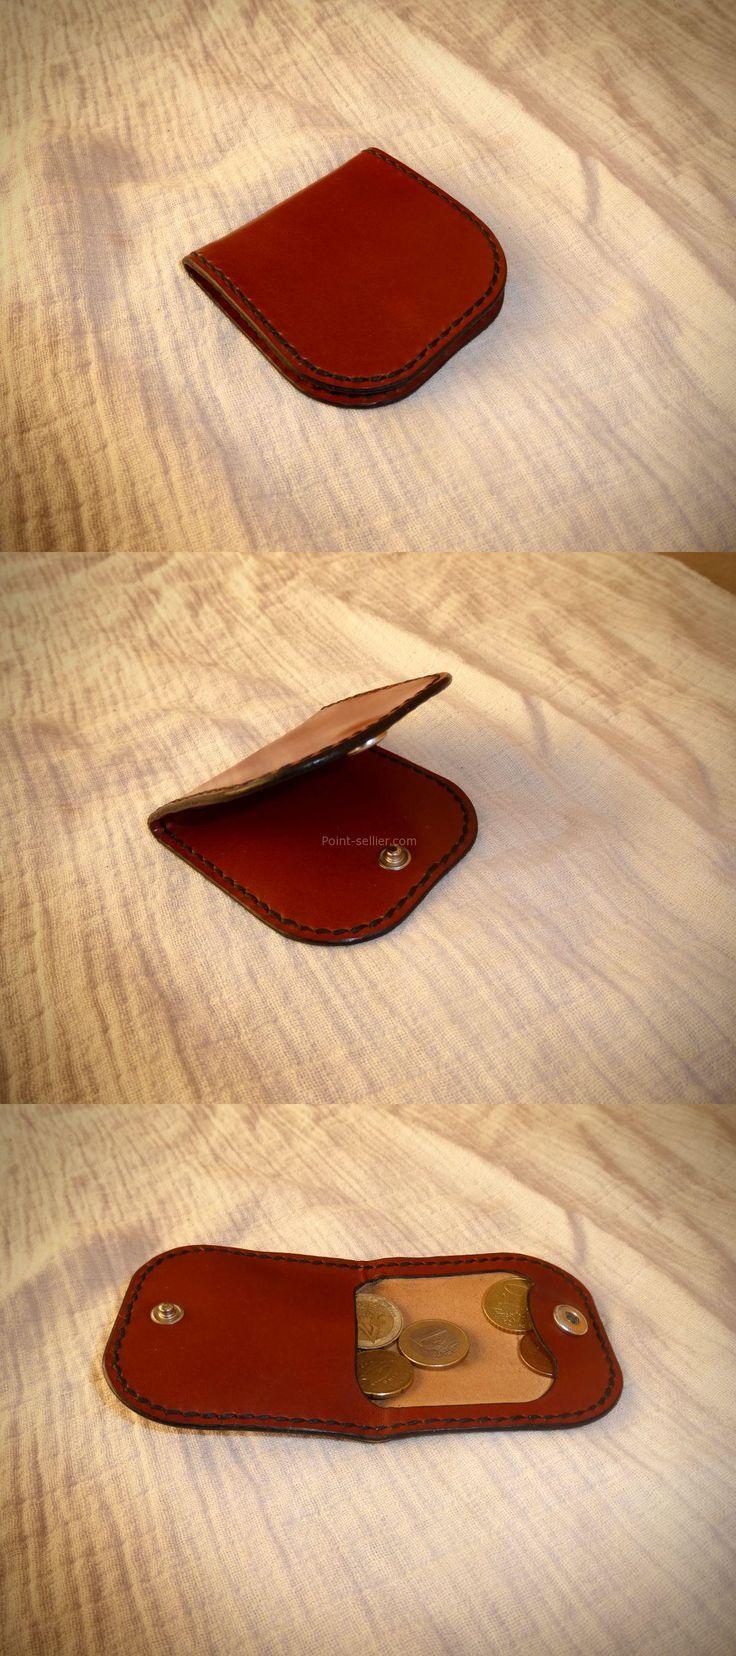 les 25 meilleures id es de la cat gorie portefeuilles en cuir sur pinterest portefeuille cuir. Black Bedroom Furniture Sets. Home Design Ideas